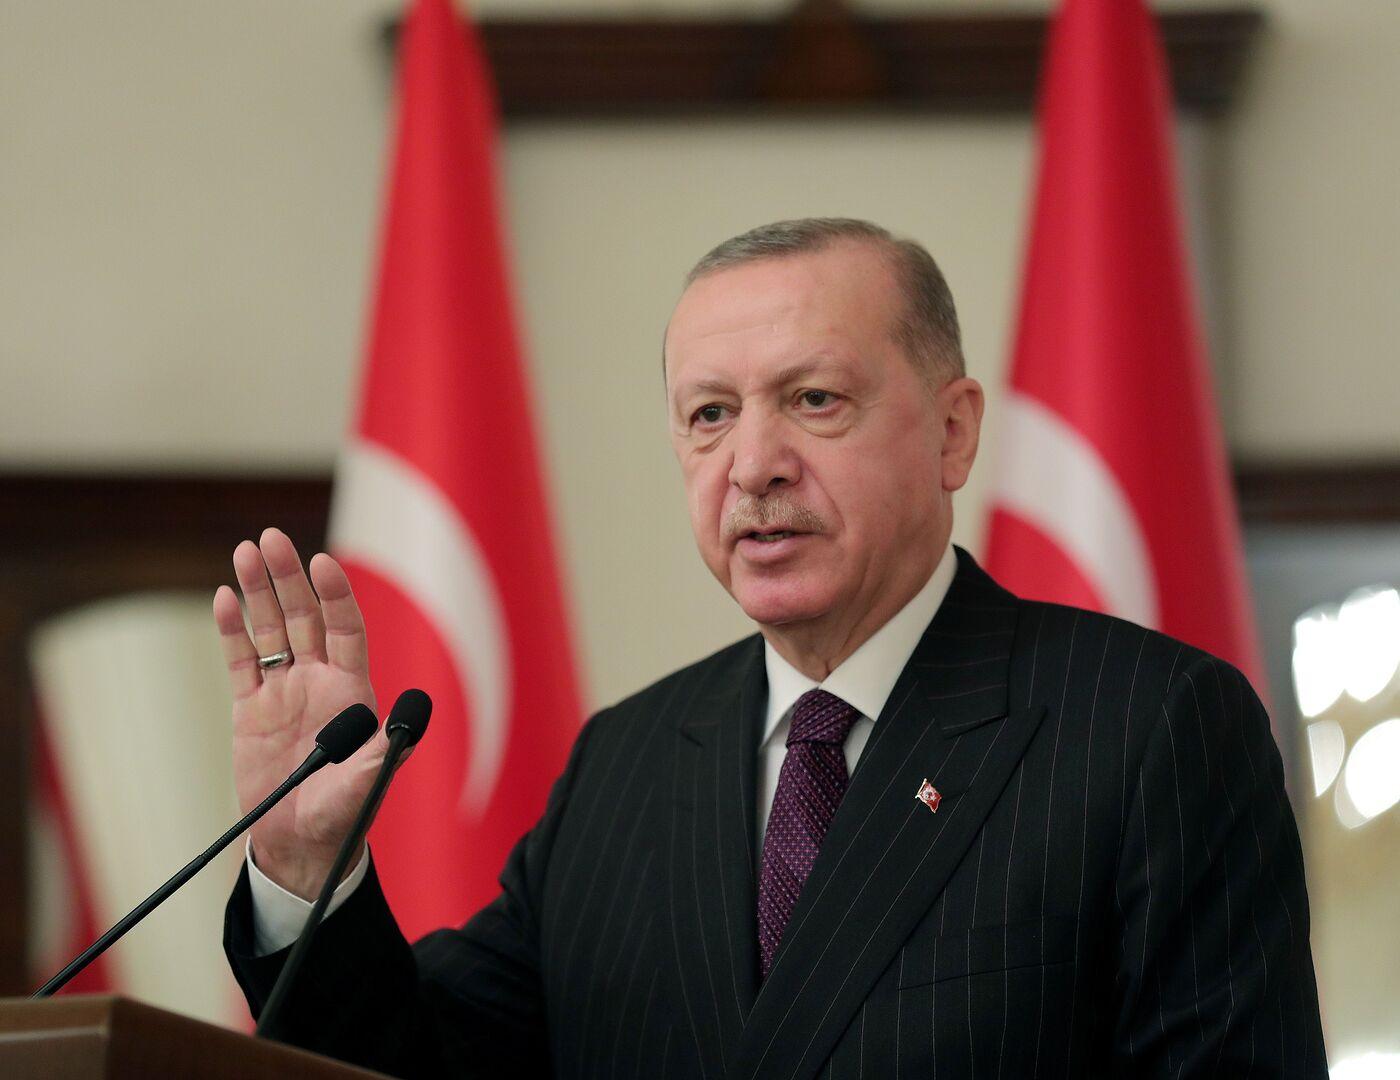 صورة من الأرشيف - الرئيس التركي رجب طيب أردوغان